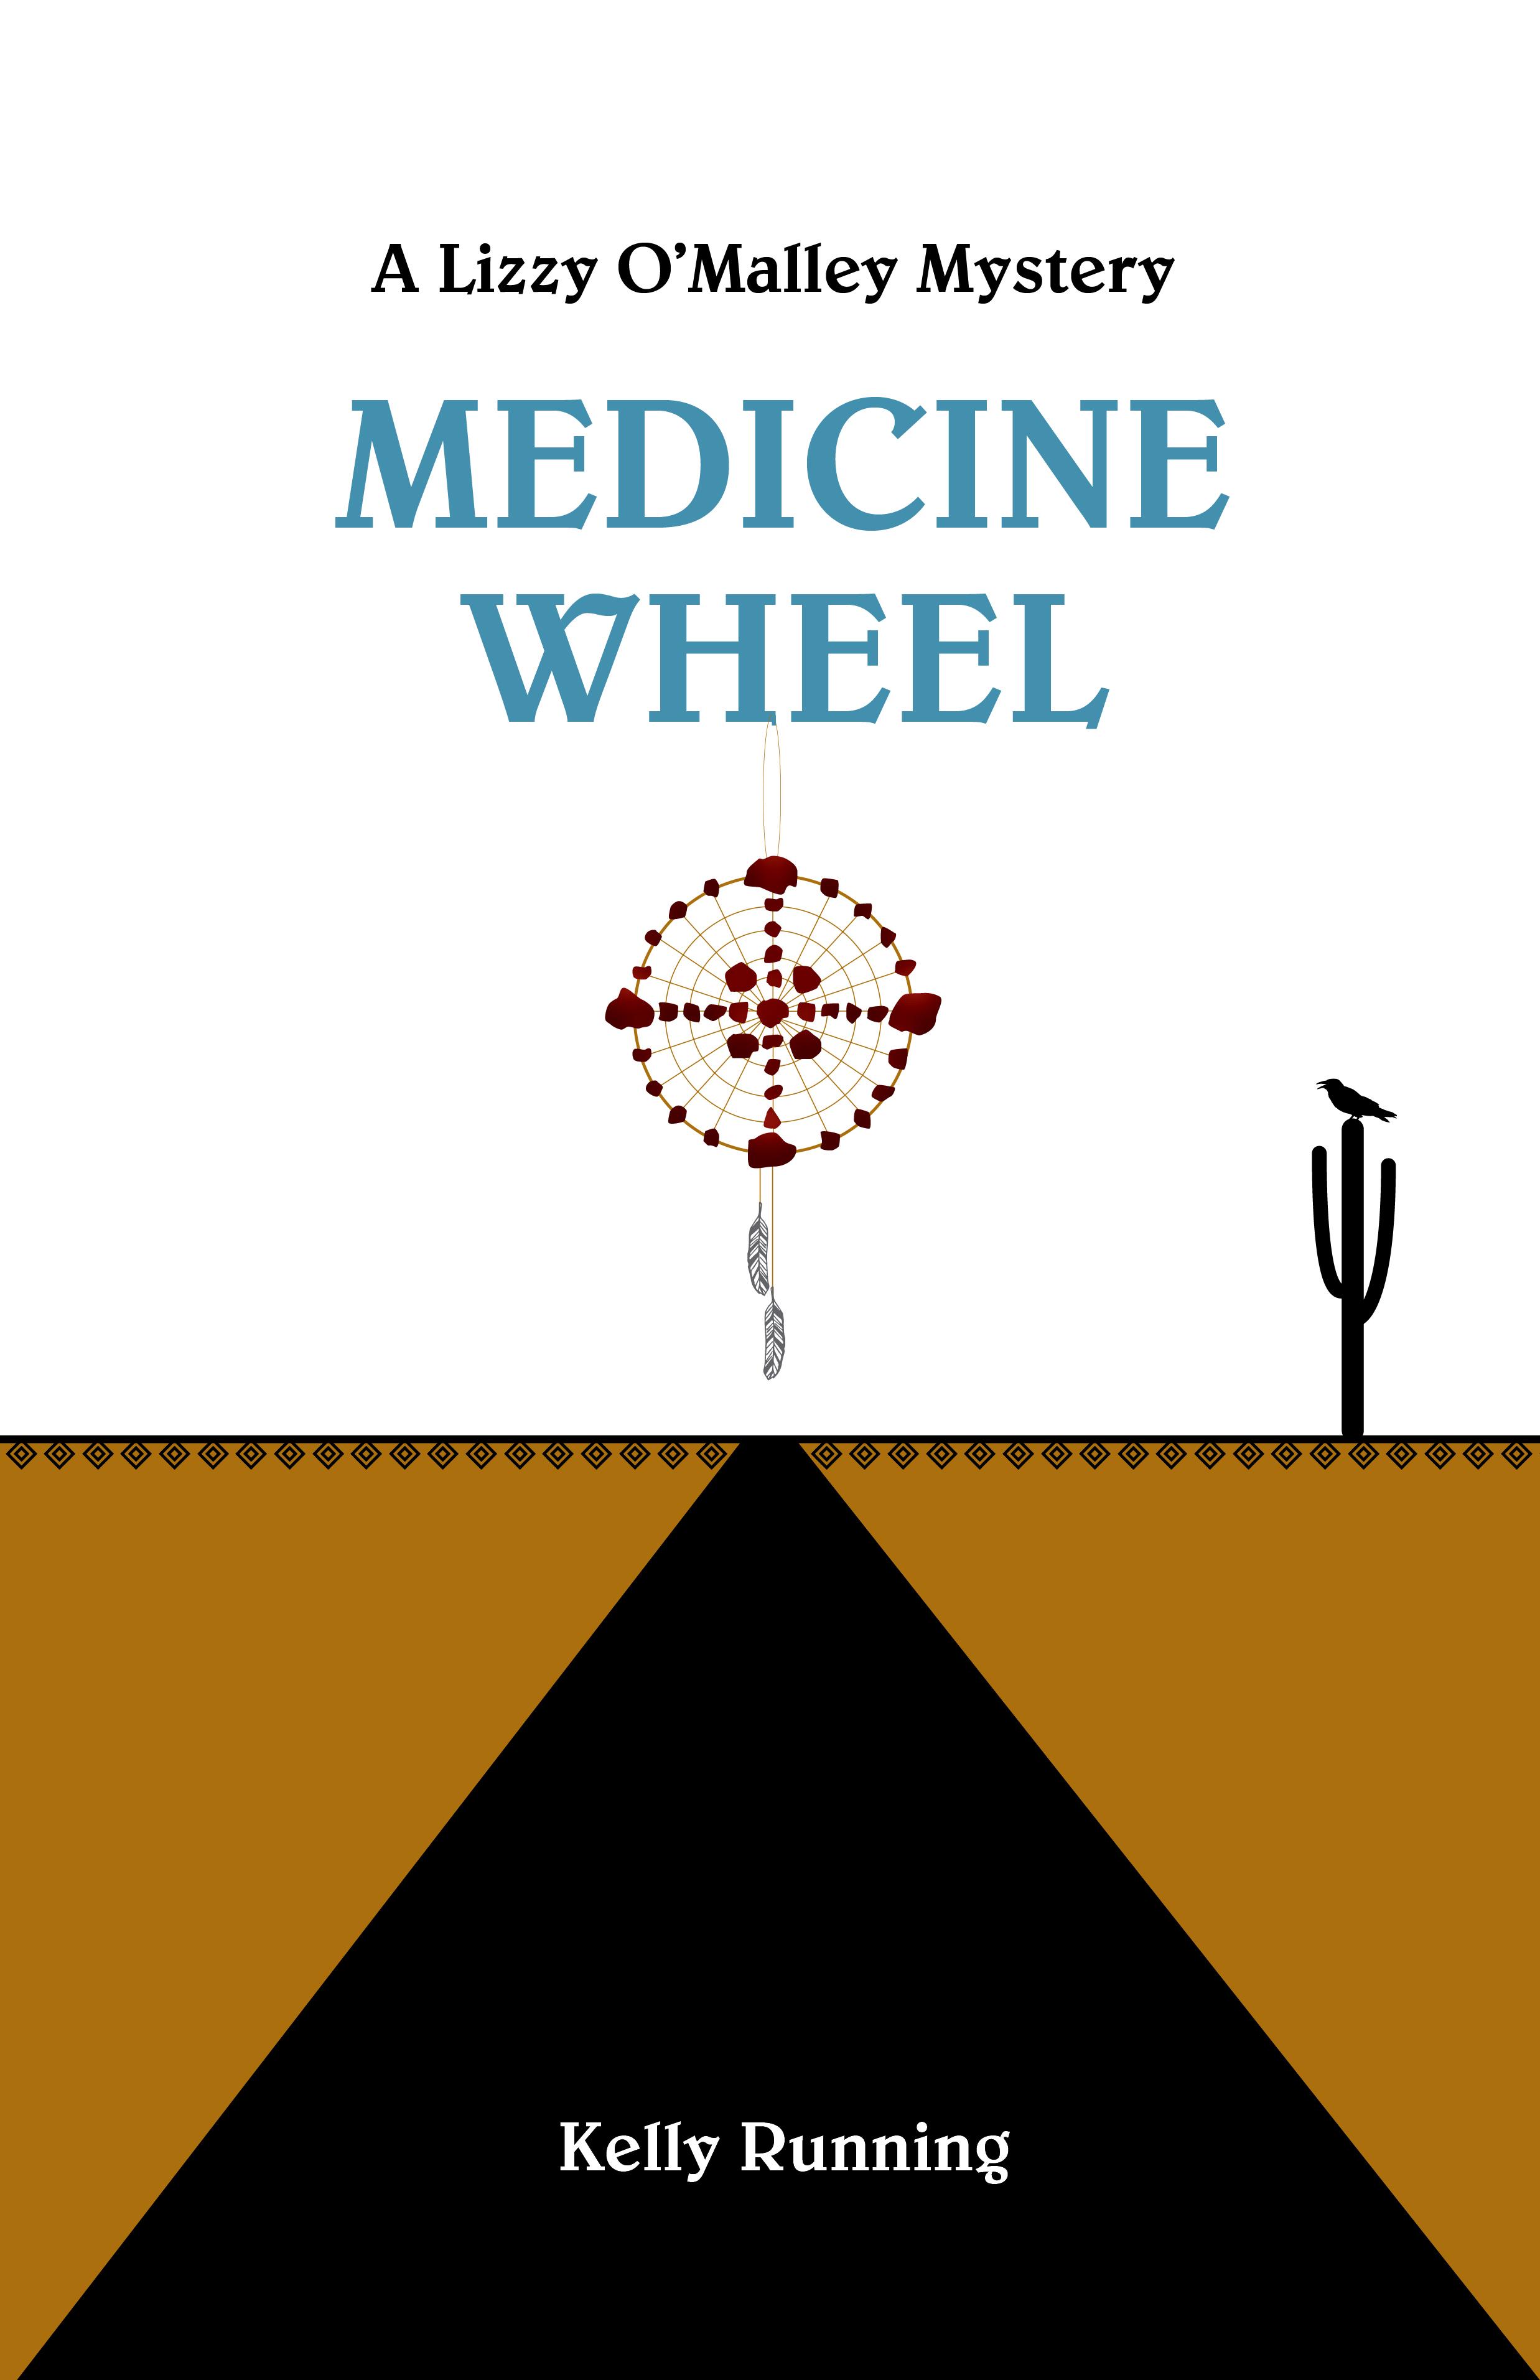 Medicine Wheel by Kelly Running (2016)